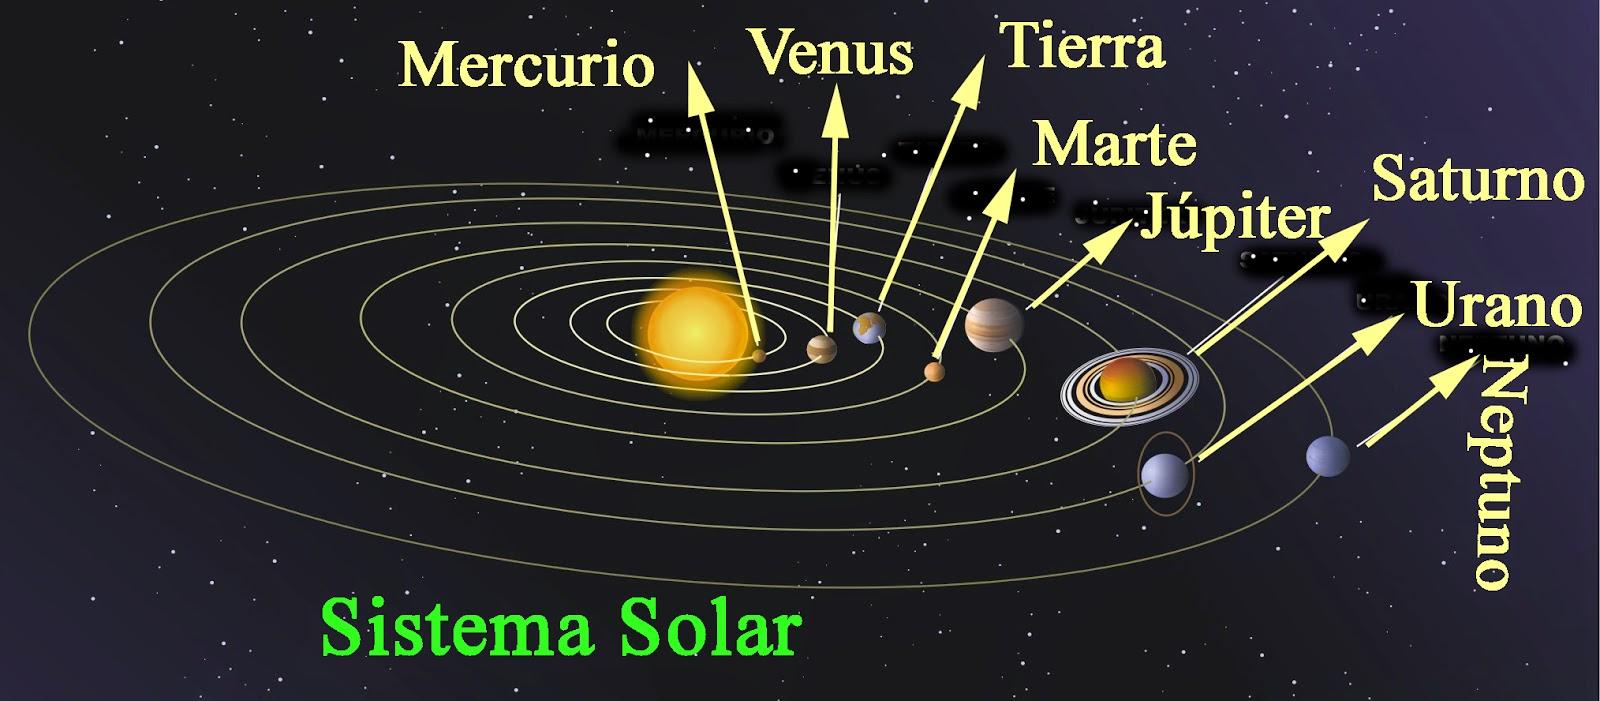 Cuantos Planetas Giran Alrededor Del Sol Y Cuales Son Sus | Caroldoey